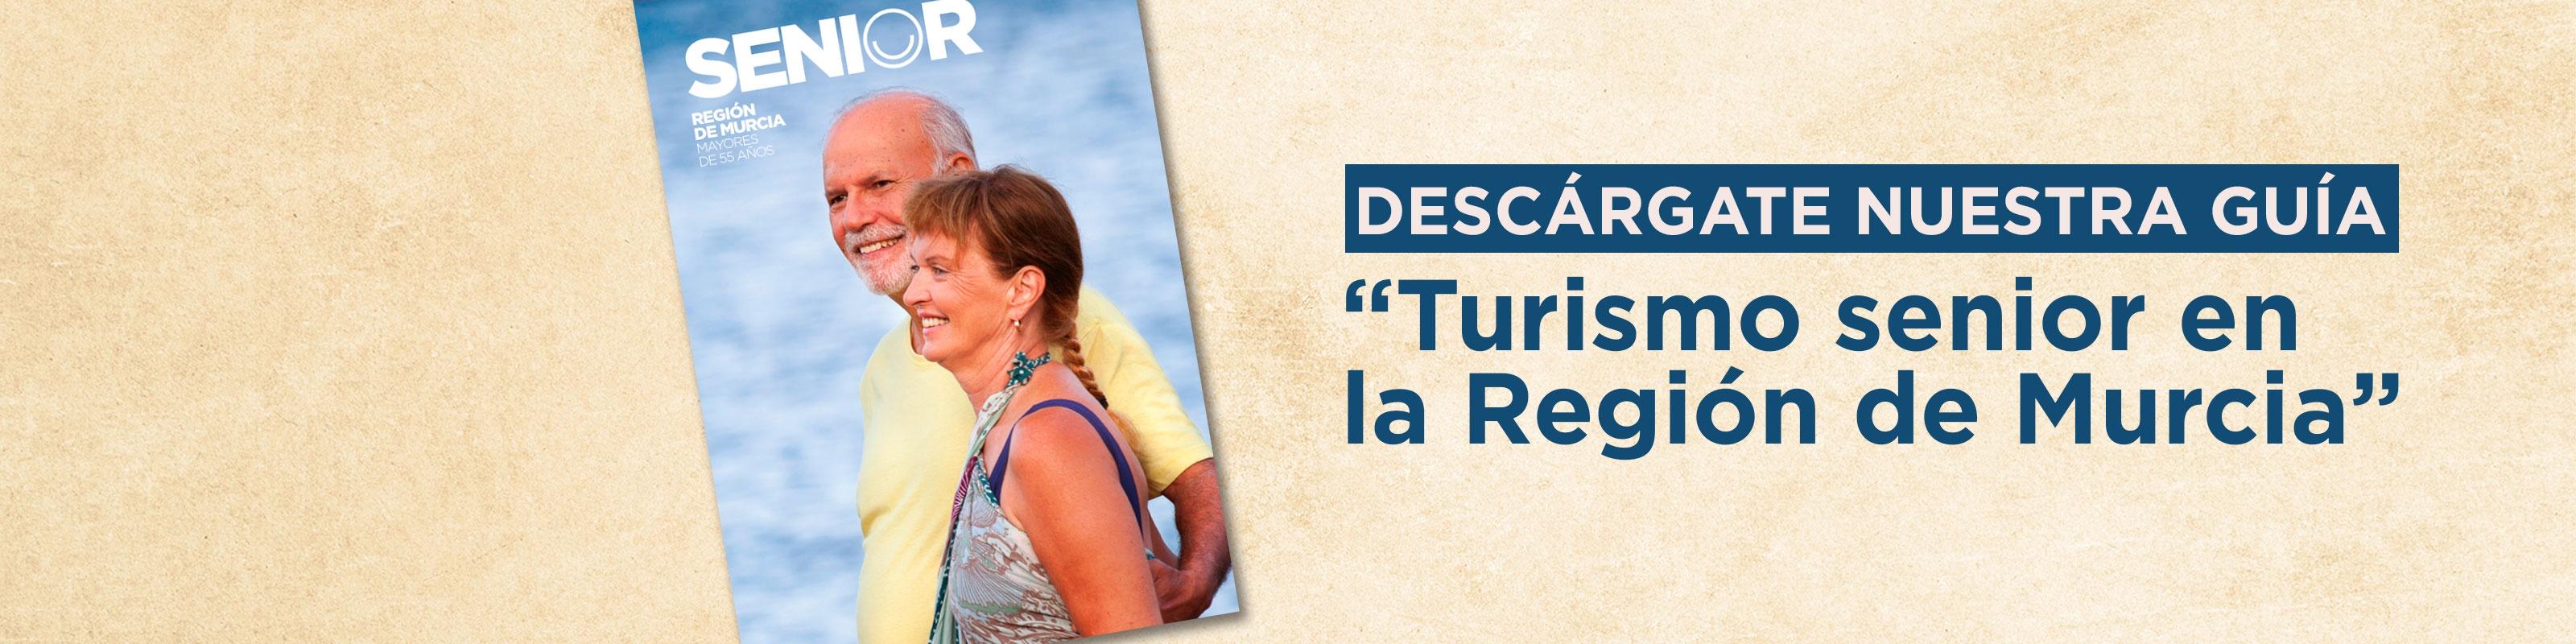 Guía de turismo senior en la Región de Murcia